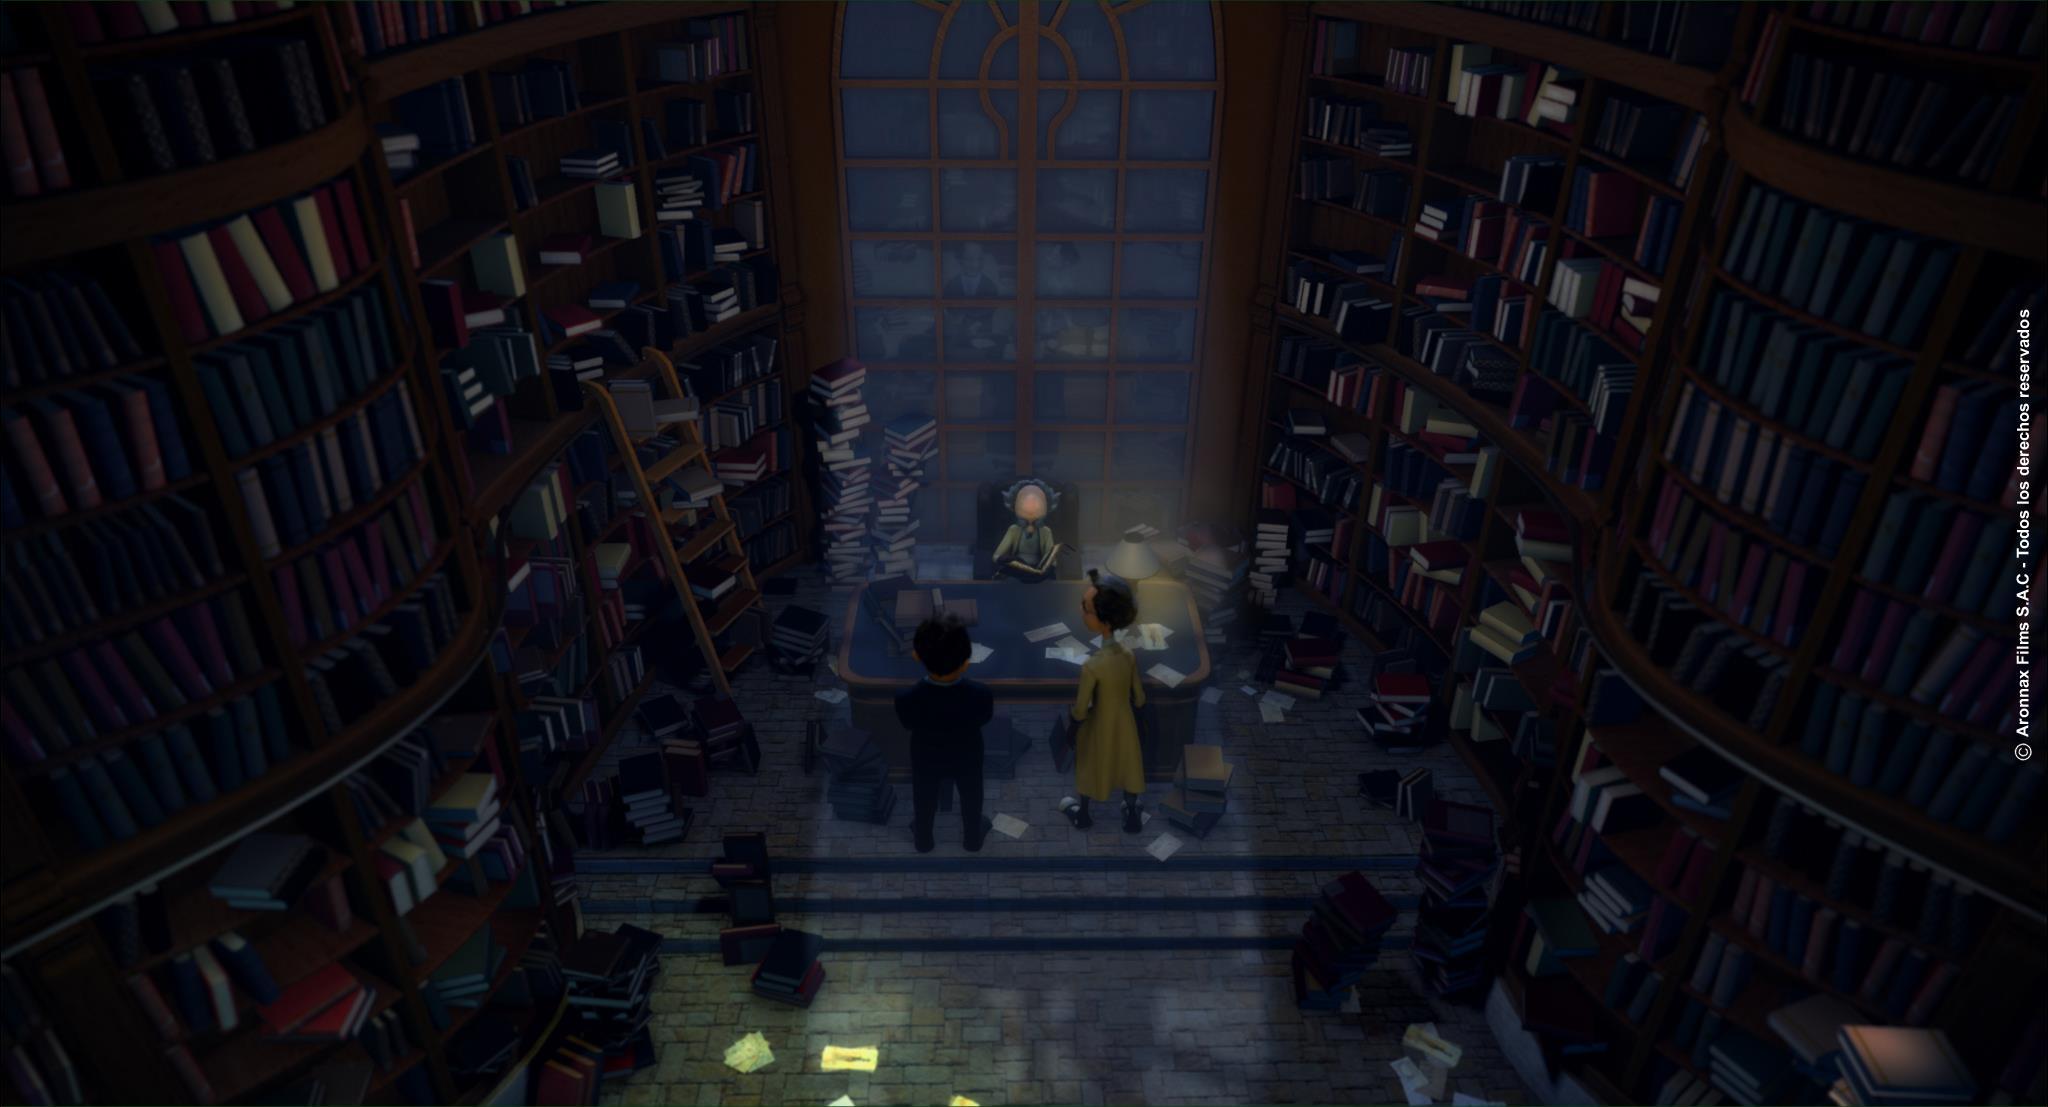 кадры из фильма Двигай время